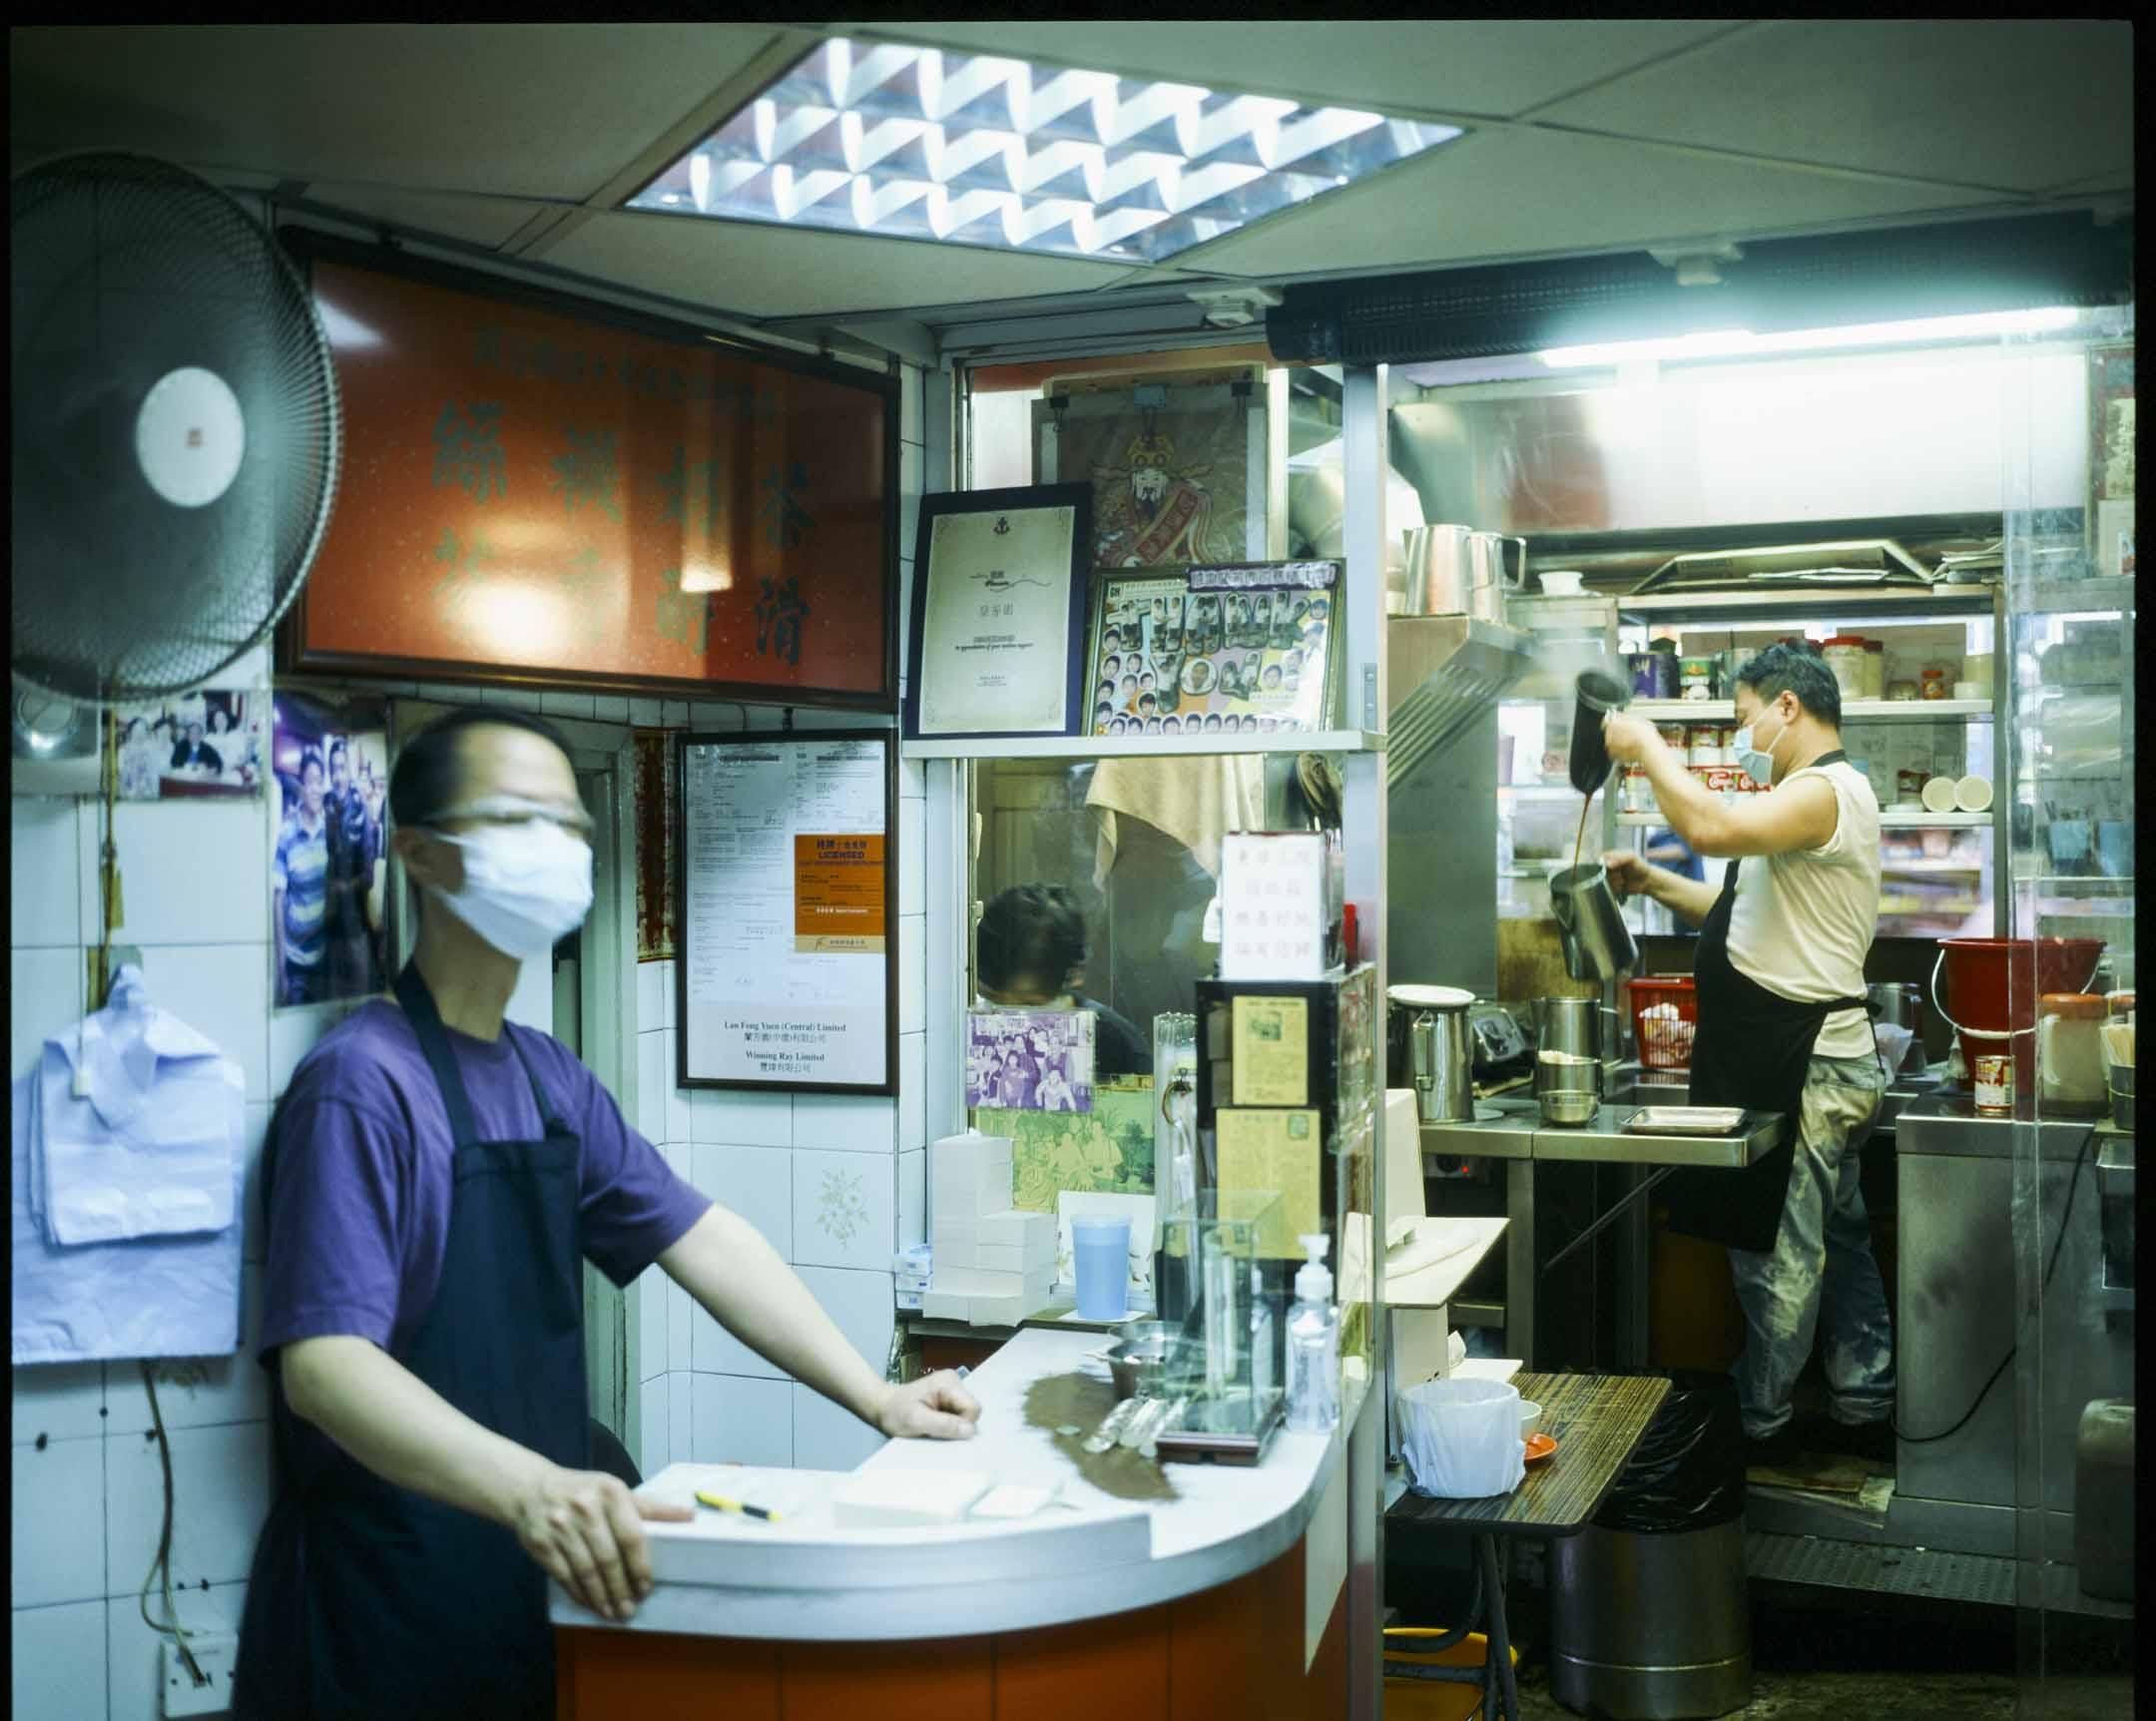 位於中環的蘭芳園,是香港一間歷史悠久的茶餐廳,餐廳早年首創以袋茶沖製、俗稱絲襪奶茶的港式奶茶。 攝:林振東/端傳媒